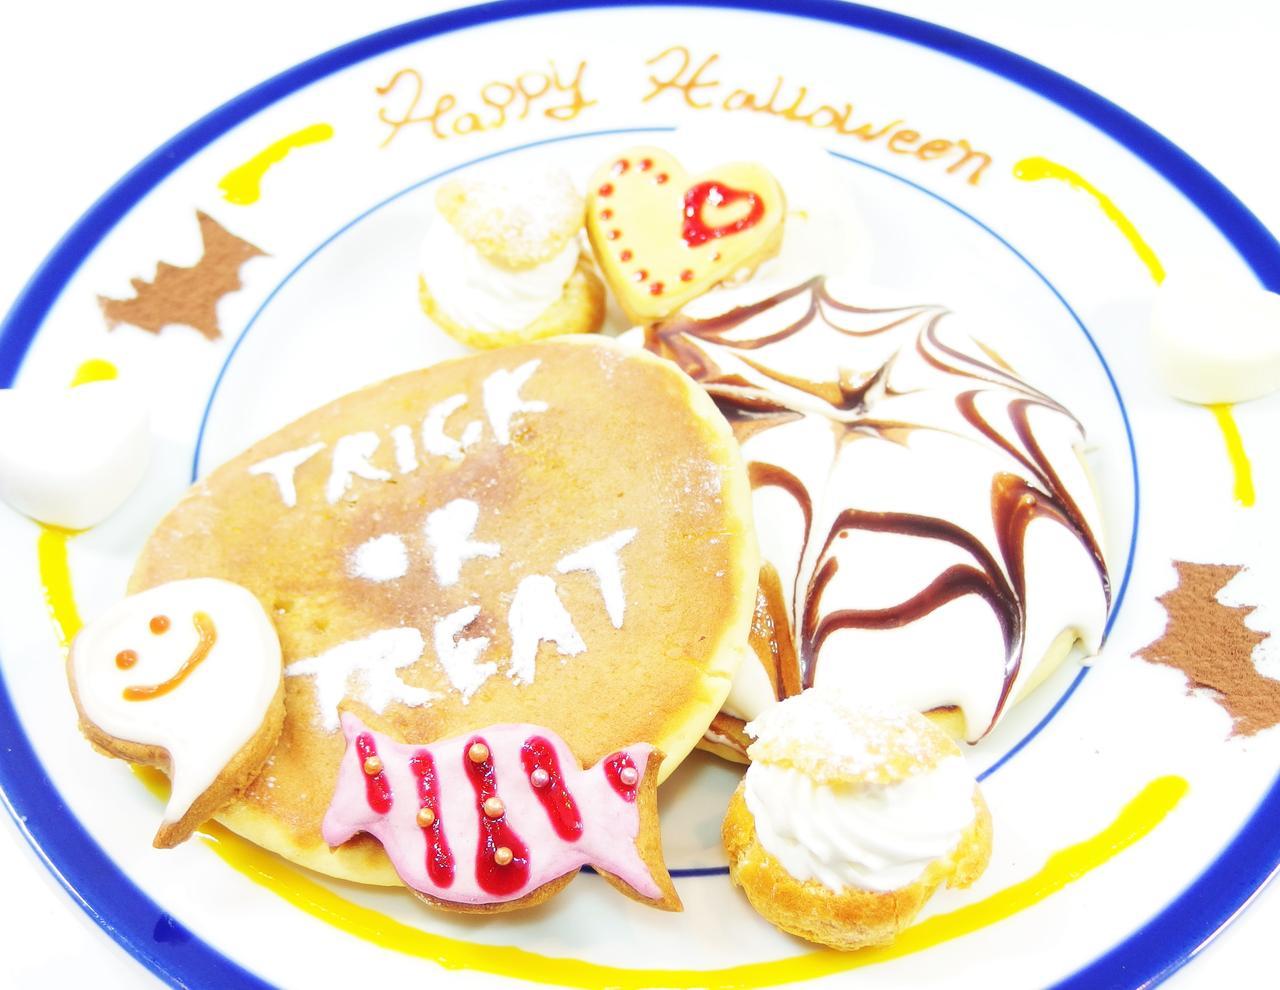 画像: ○ハロウィンパンケーキ ¥980(ハロウィンまでの期間限定) ハロウィンにちなんでチョコソースのクモの巣がかかった、ふわふわパンケーキ・ハロウィン風パンケーキ・ベリーソースのミニシュークリーム・アイシングクッキーとアイスクリーム、マシュマロが食べられる手作りの皿盛りケーキです。味の相性もバッチリで食べるのがもったいない位です。